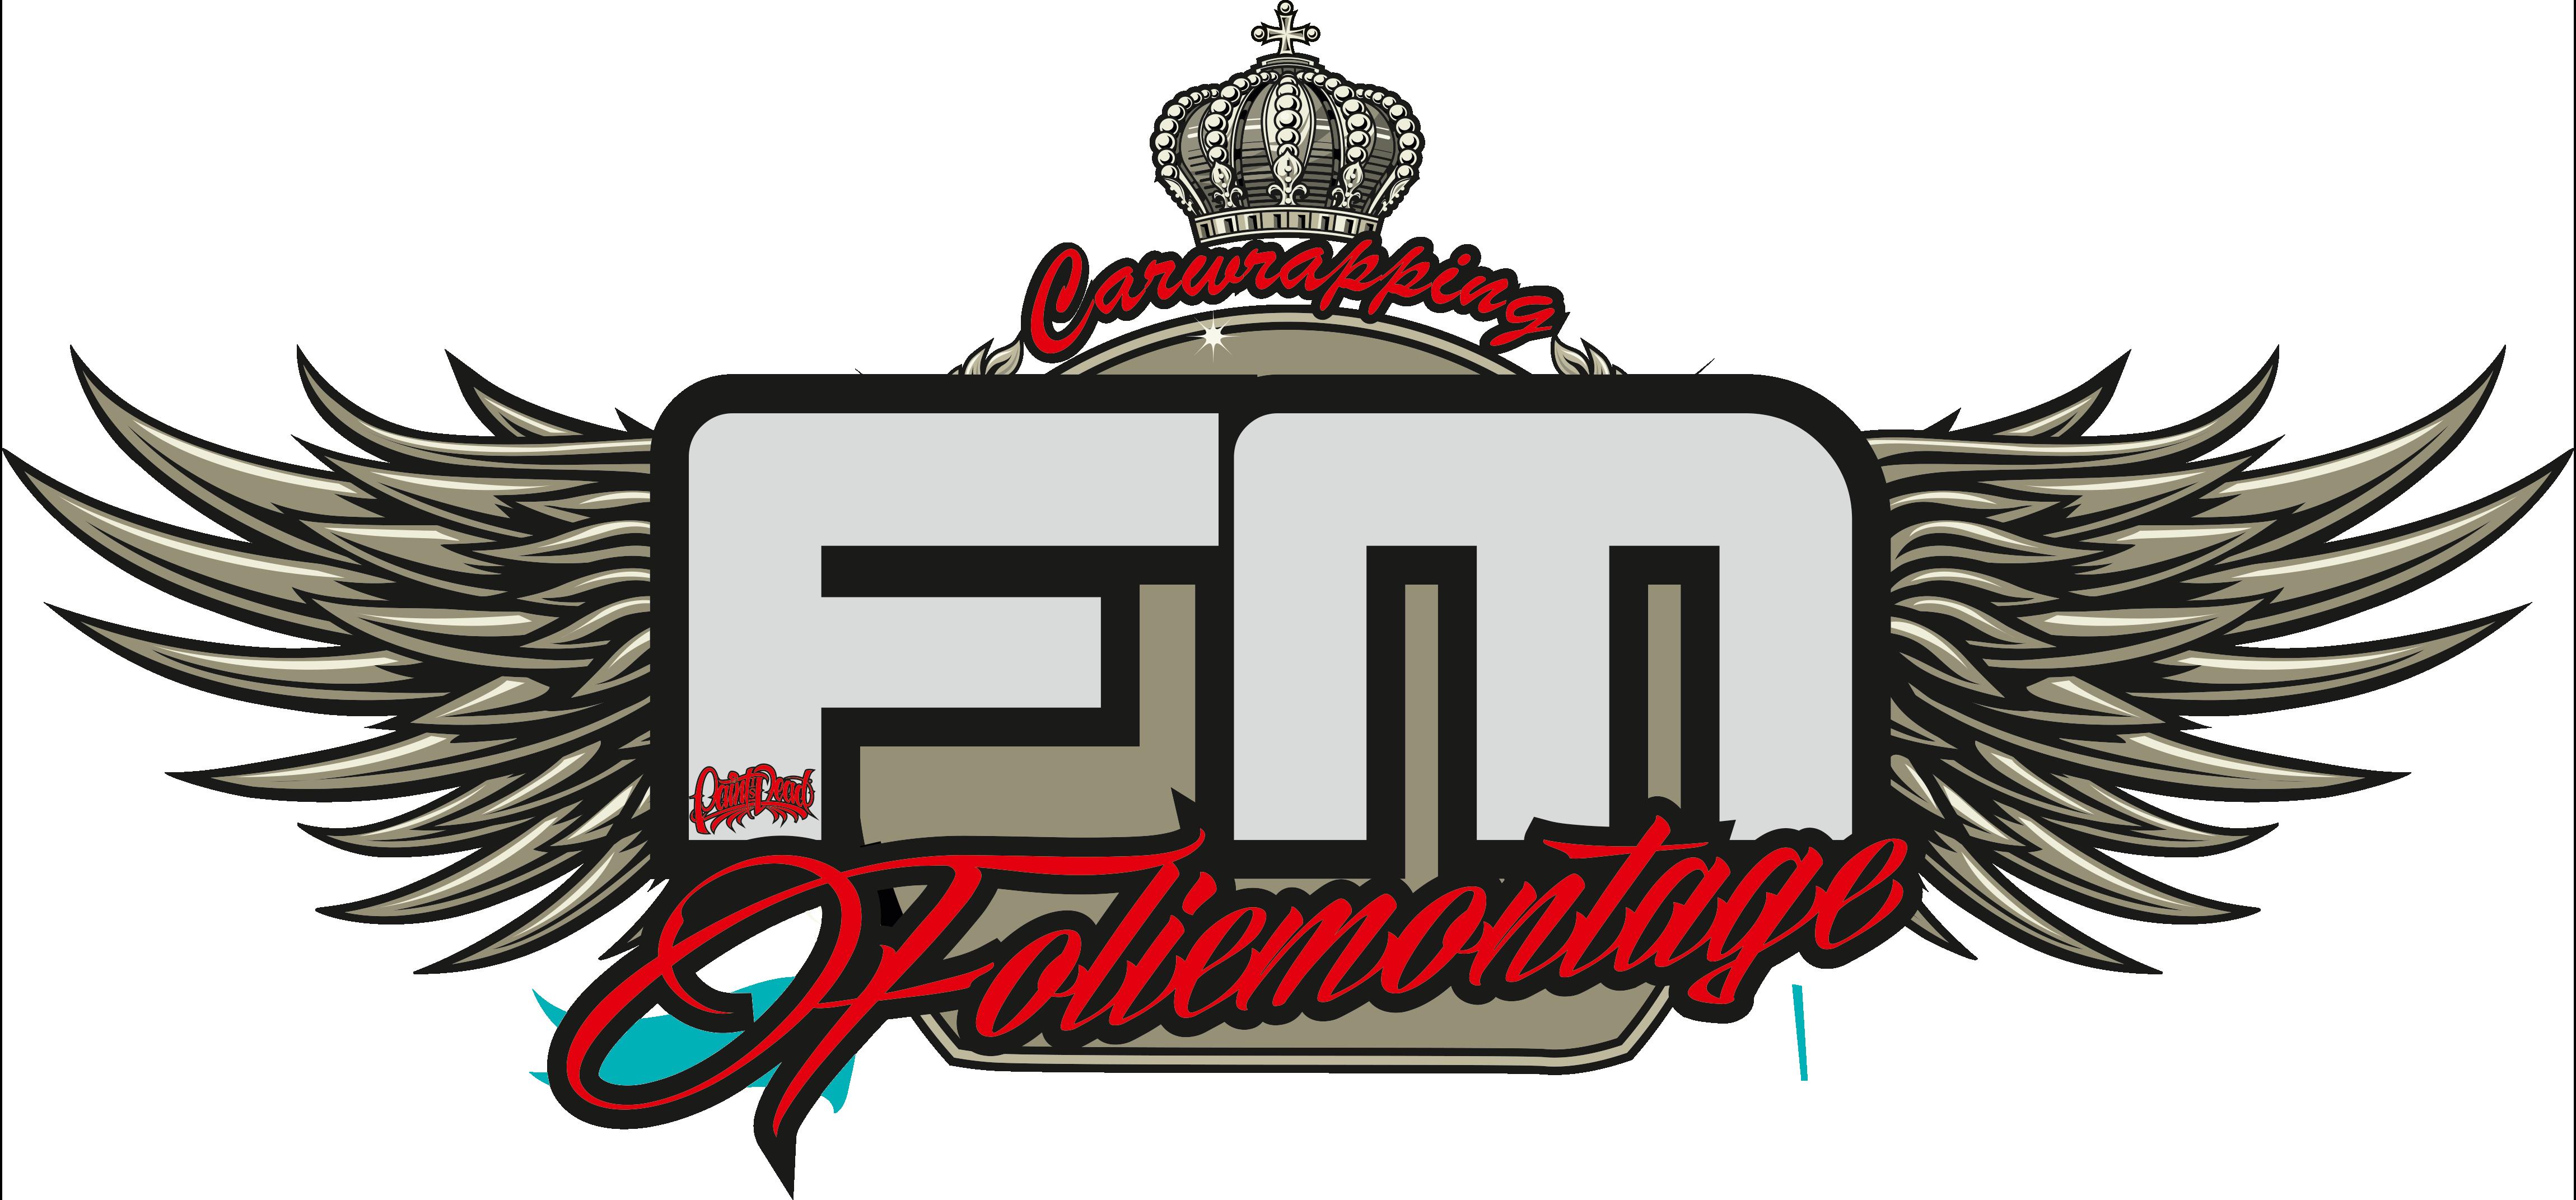 FM Foliemontage